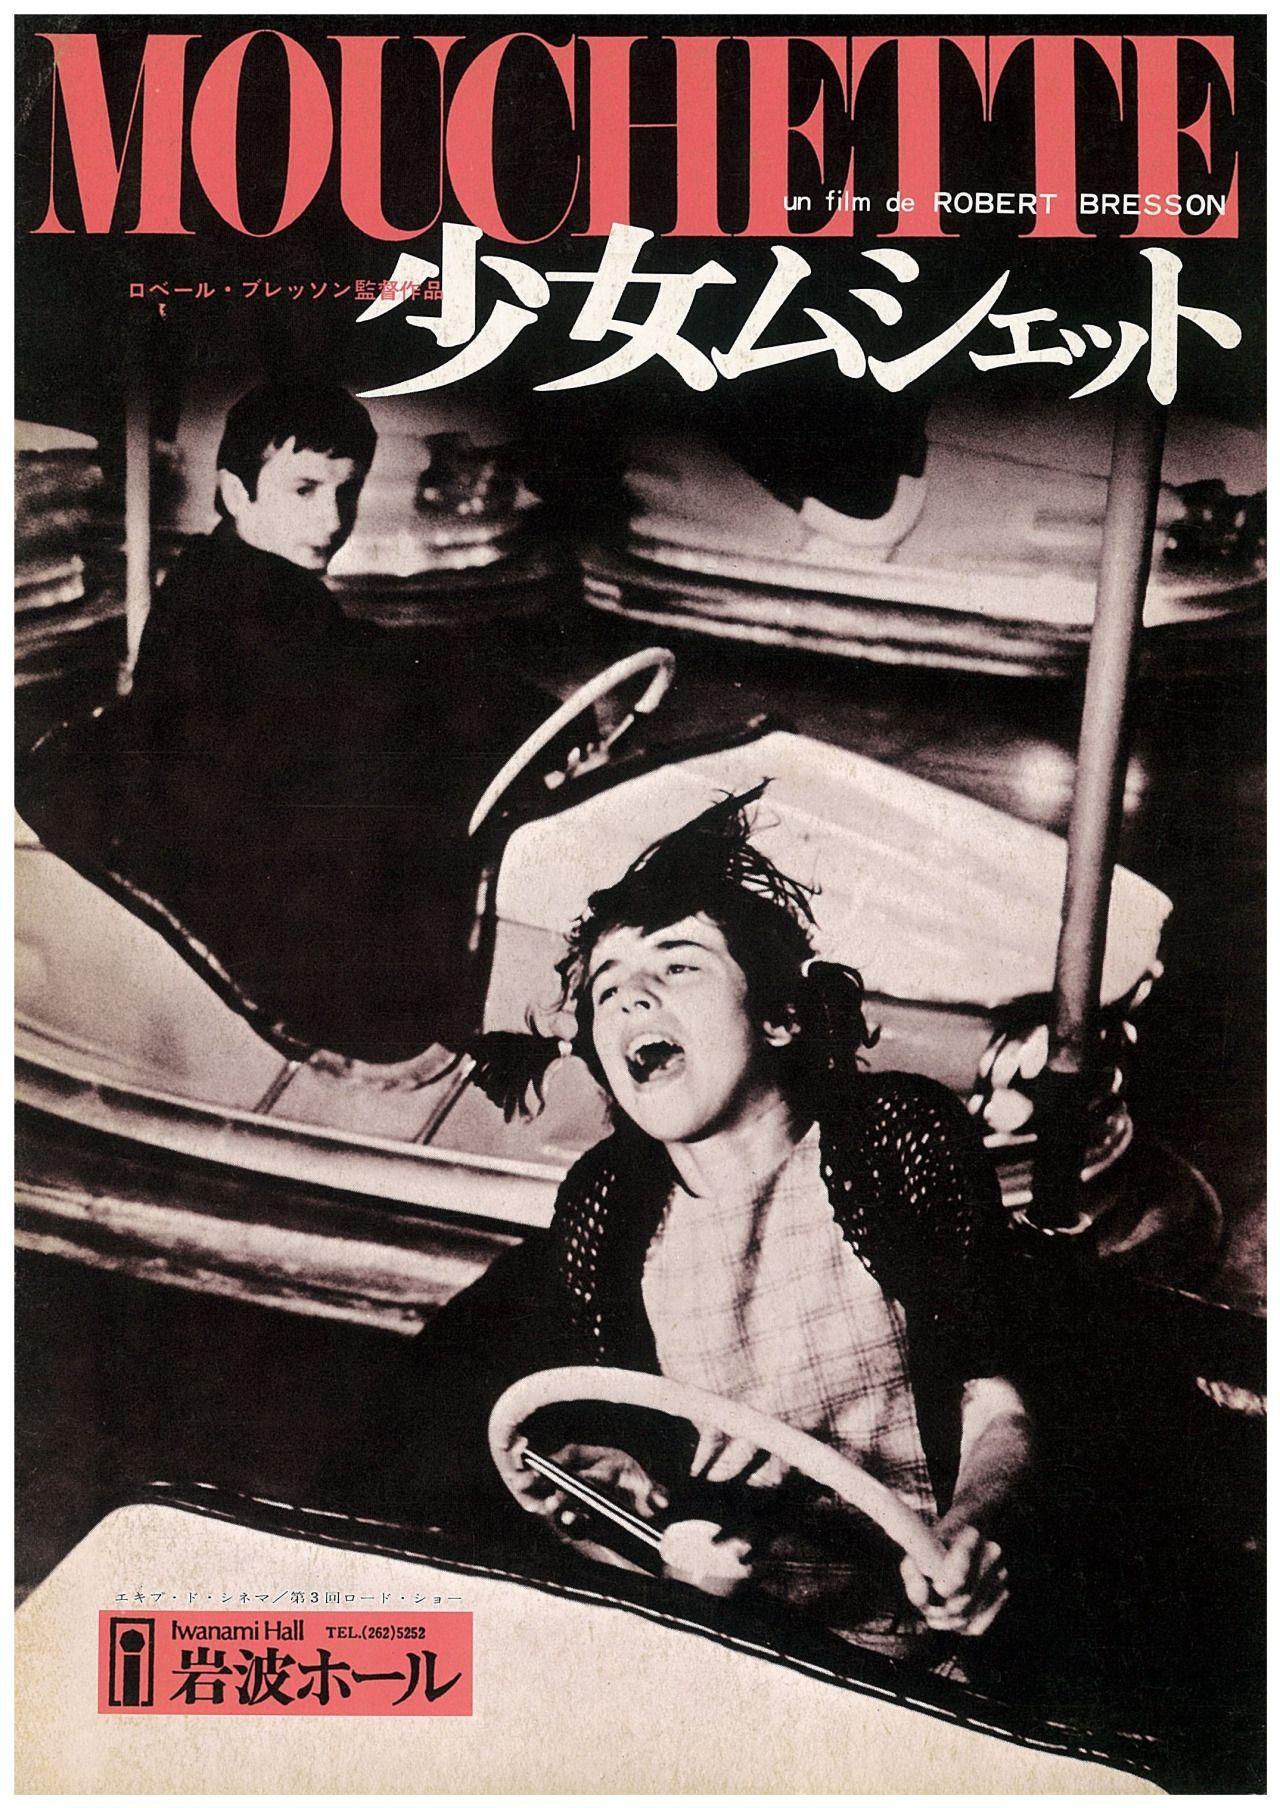 Mouchette (1967) - Mouchette (1967) - User Reviews - IMDb